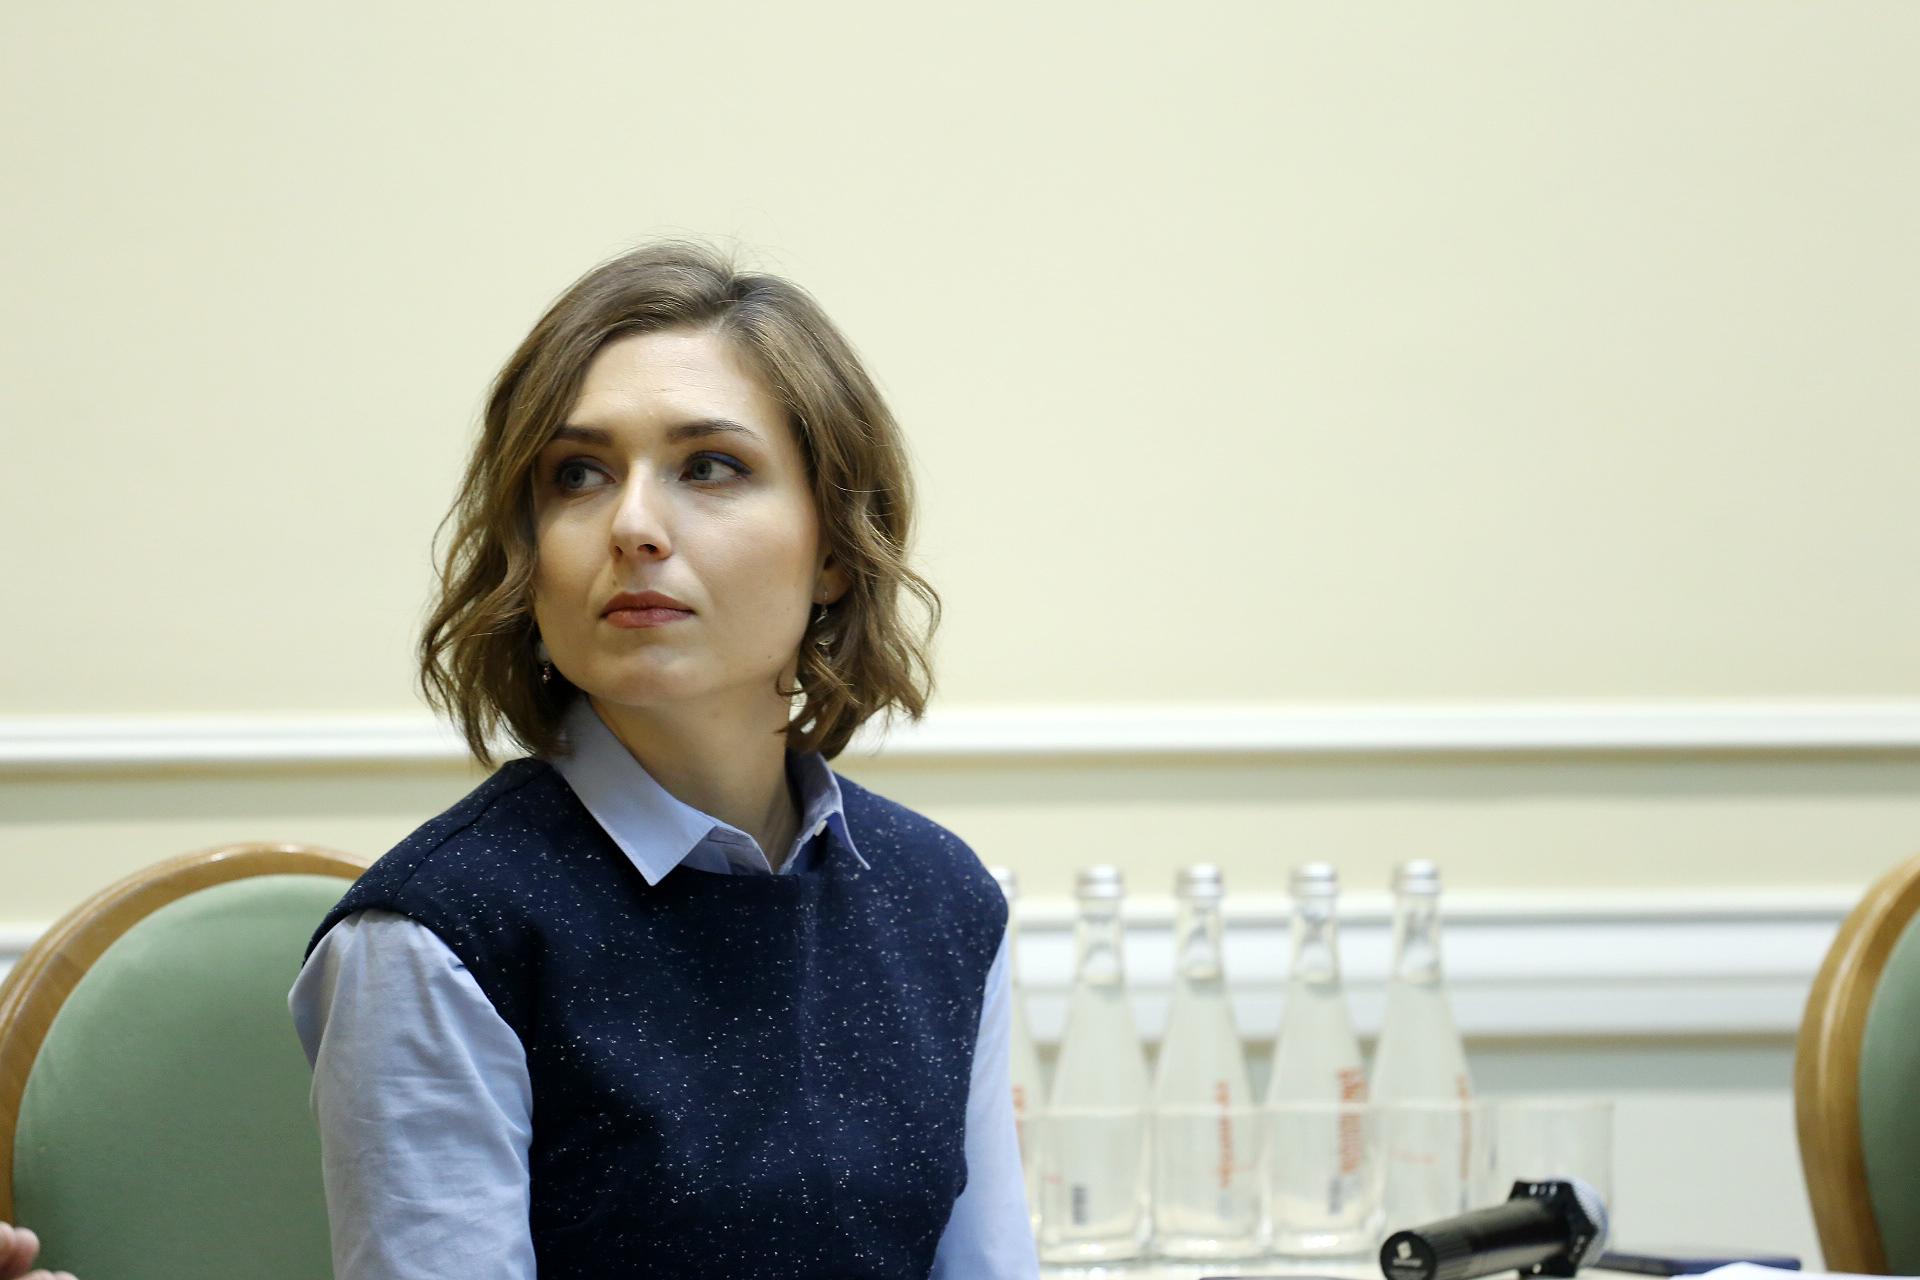 Наступний 2020-2021 навчальний рік стане Роком математики в Україні – Ганна Новосад